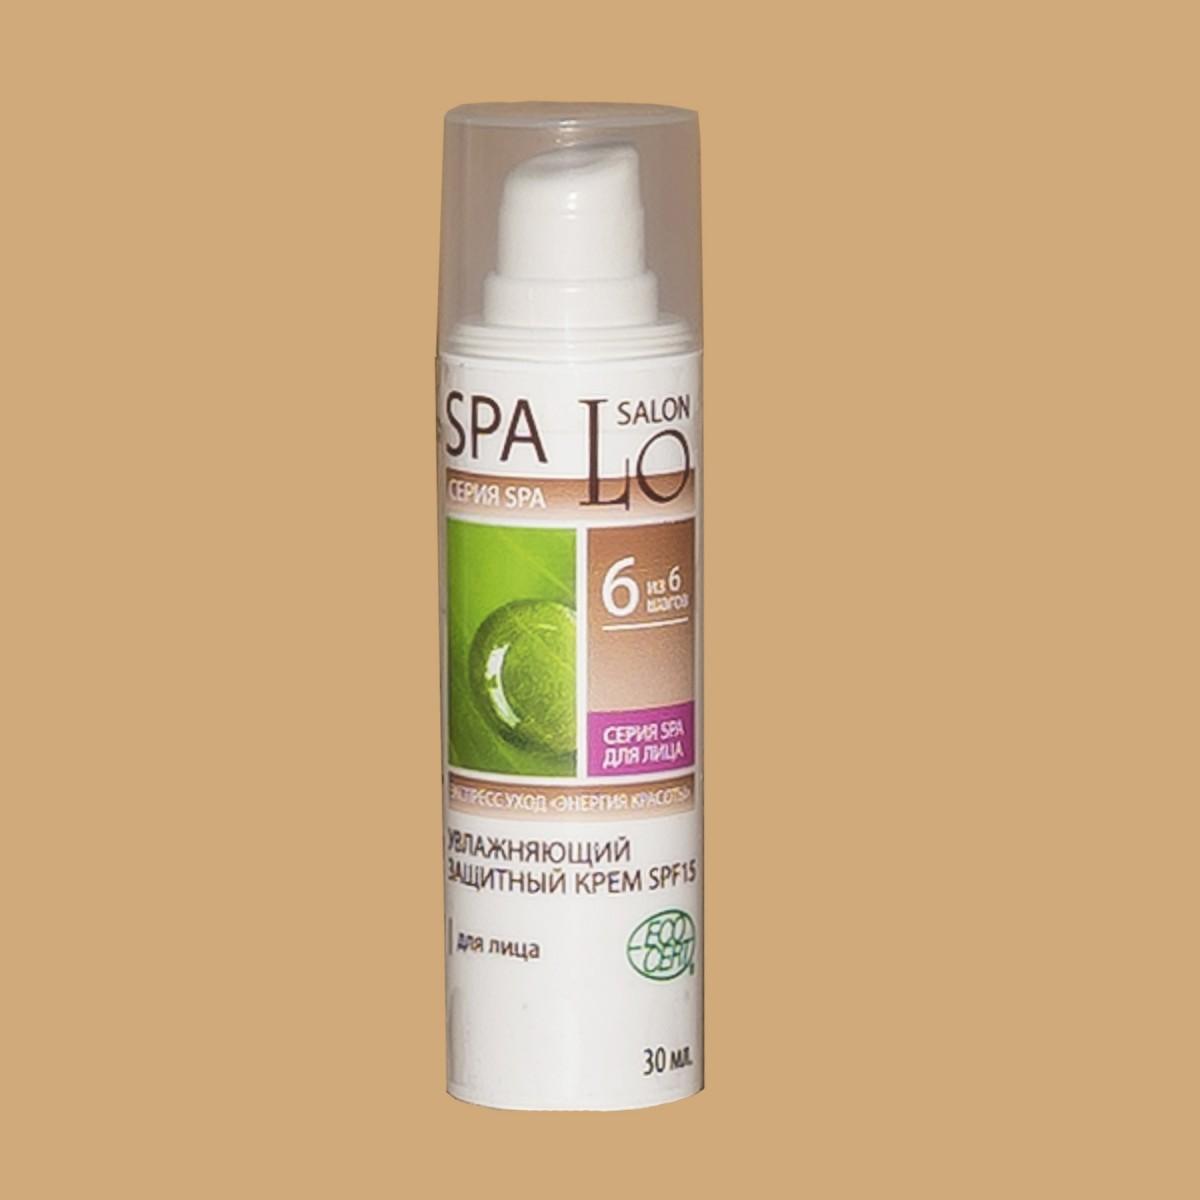 6 шаг. Увлажняющий защитный крем для лица SPF 15